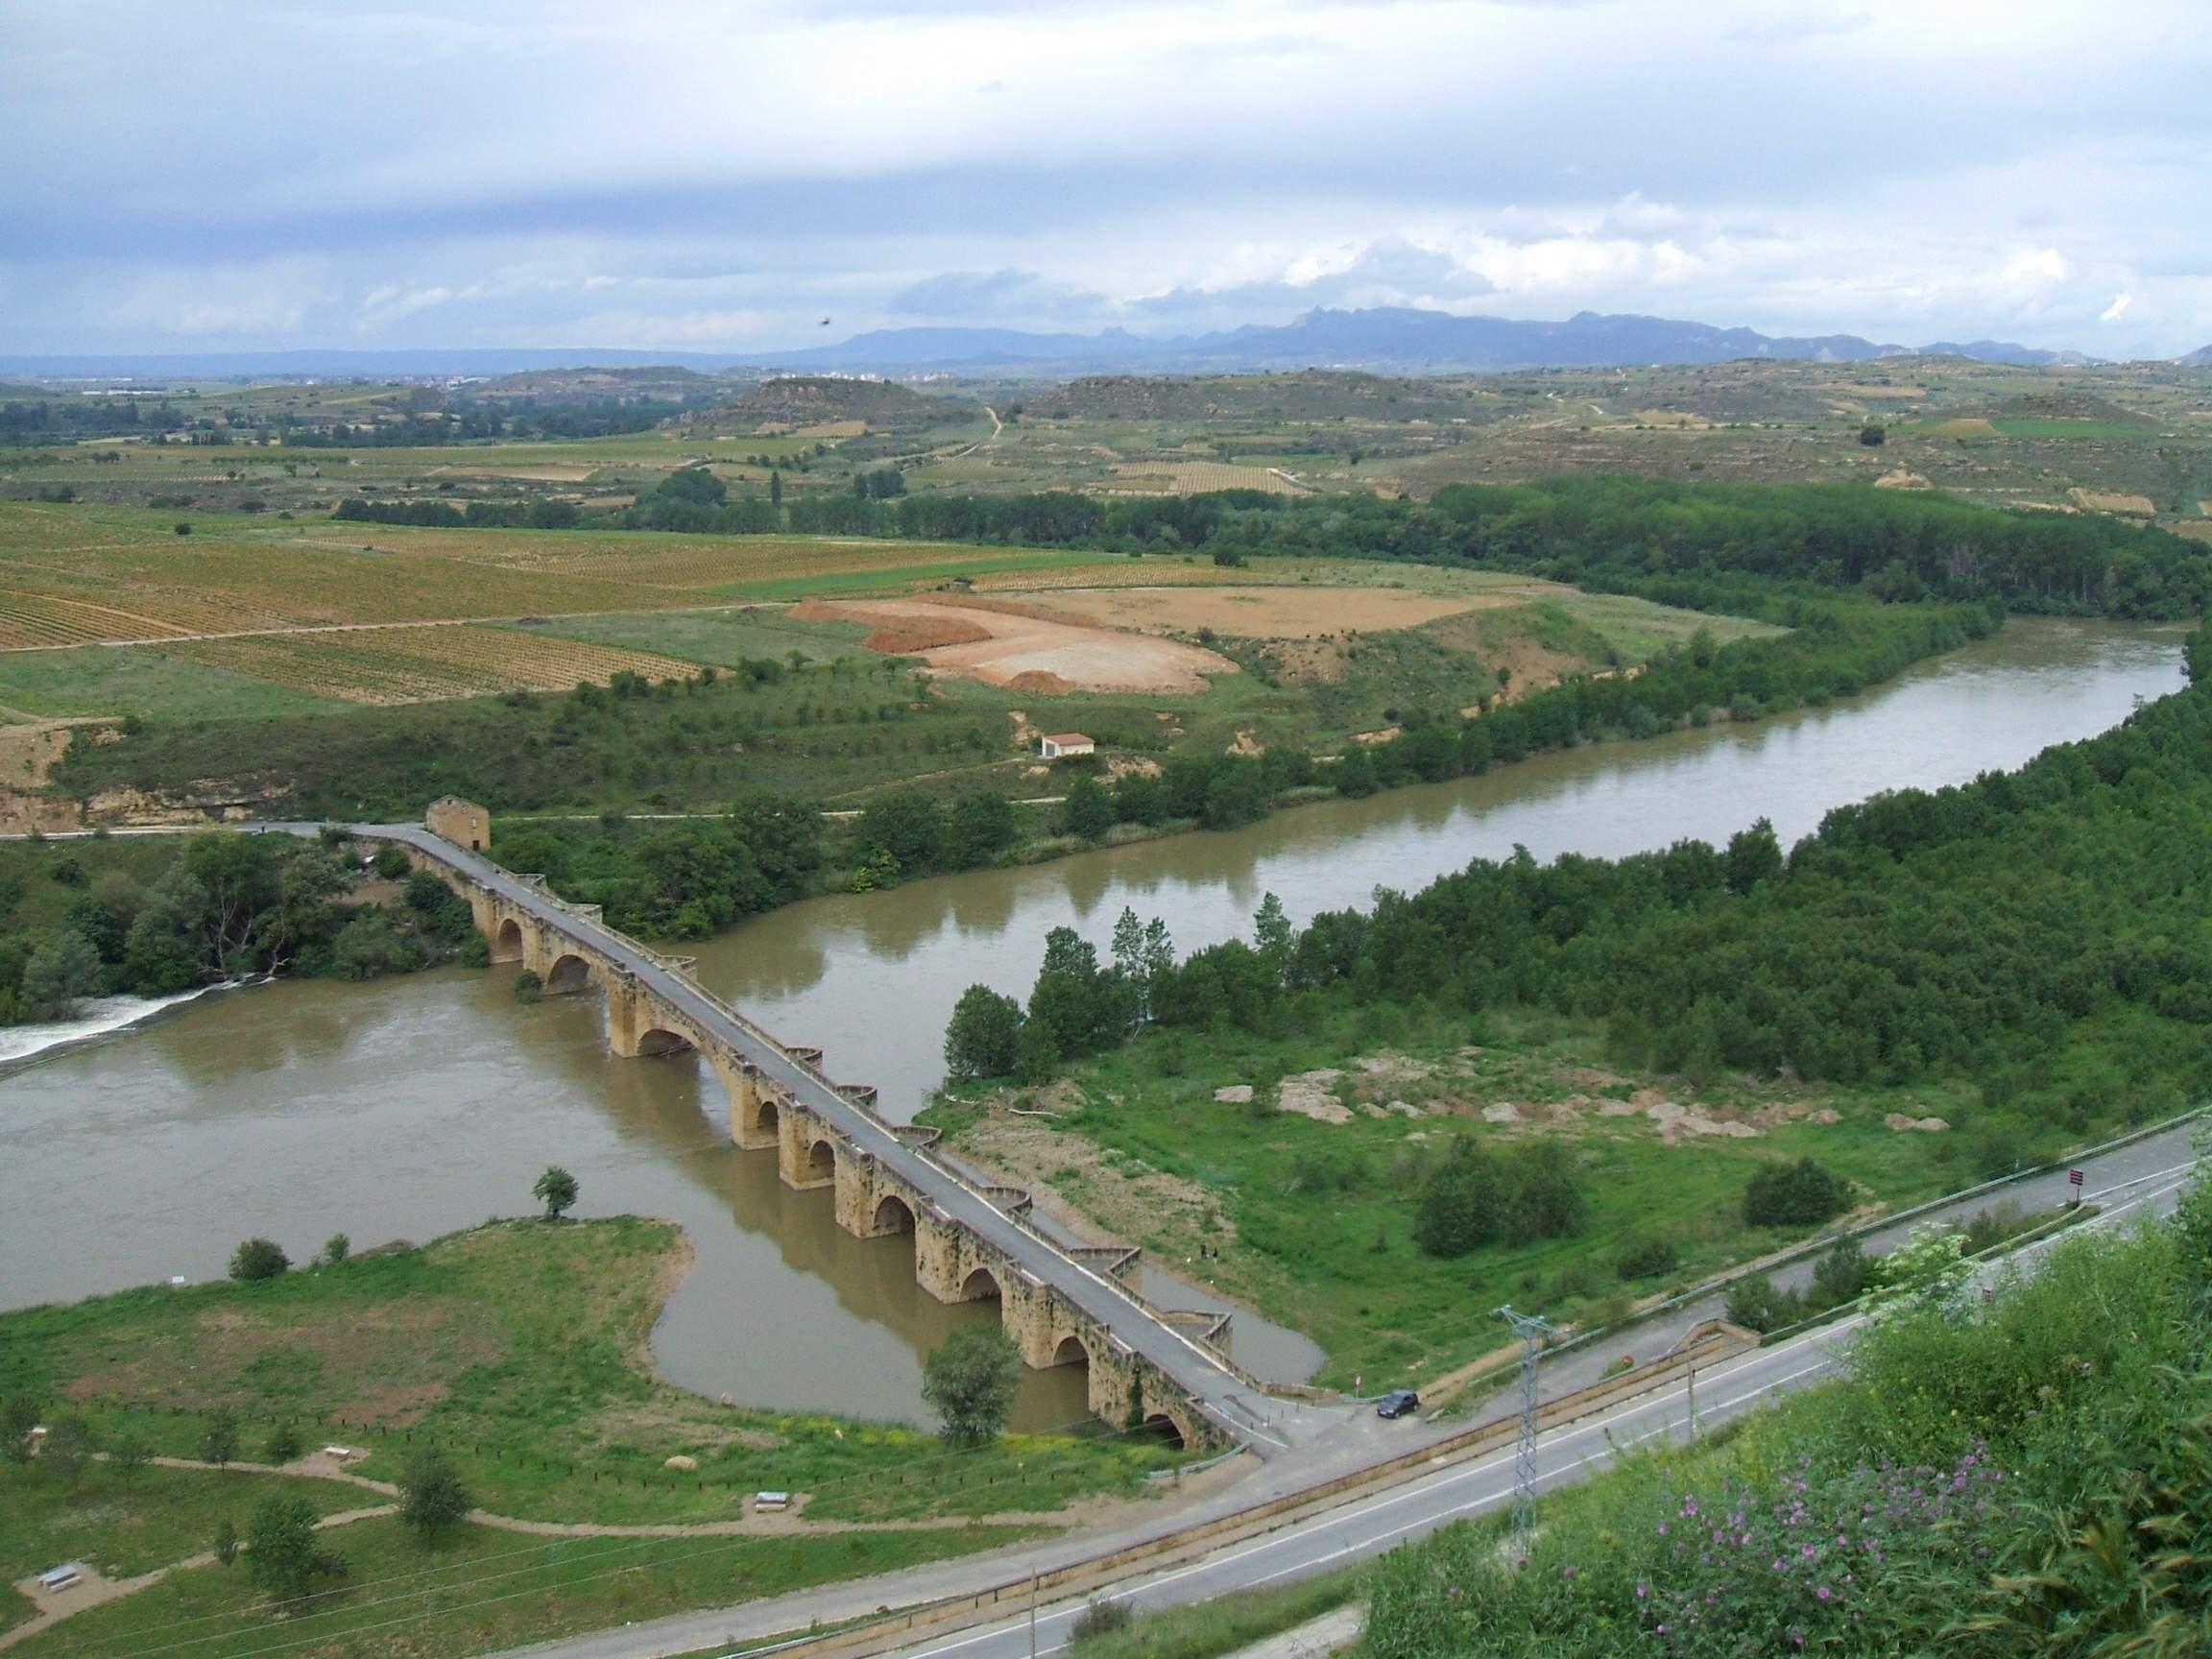 Der Ebro Fluss in der Nähe von San Vicente de la Sonsierra in der Region La Rioja © von Zarateman (Eigenes Werk) [CC0], via Wikimedia Commons